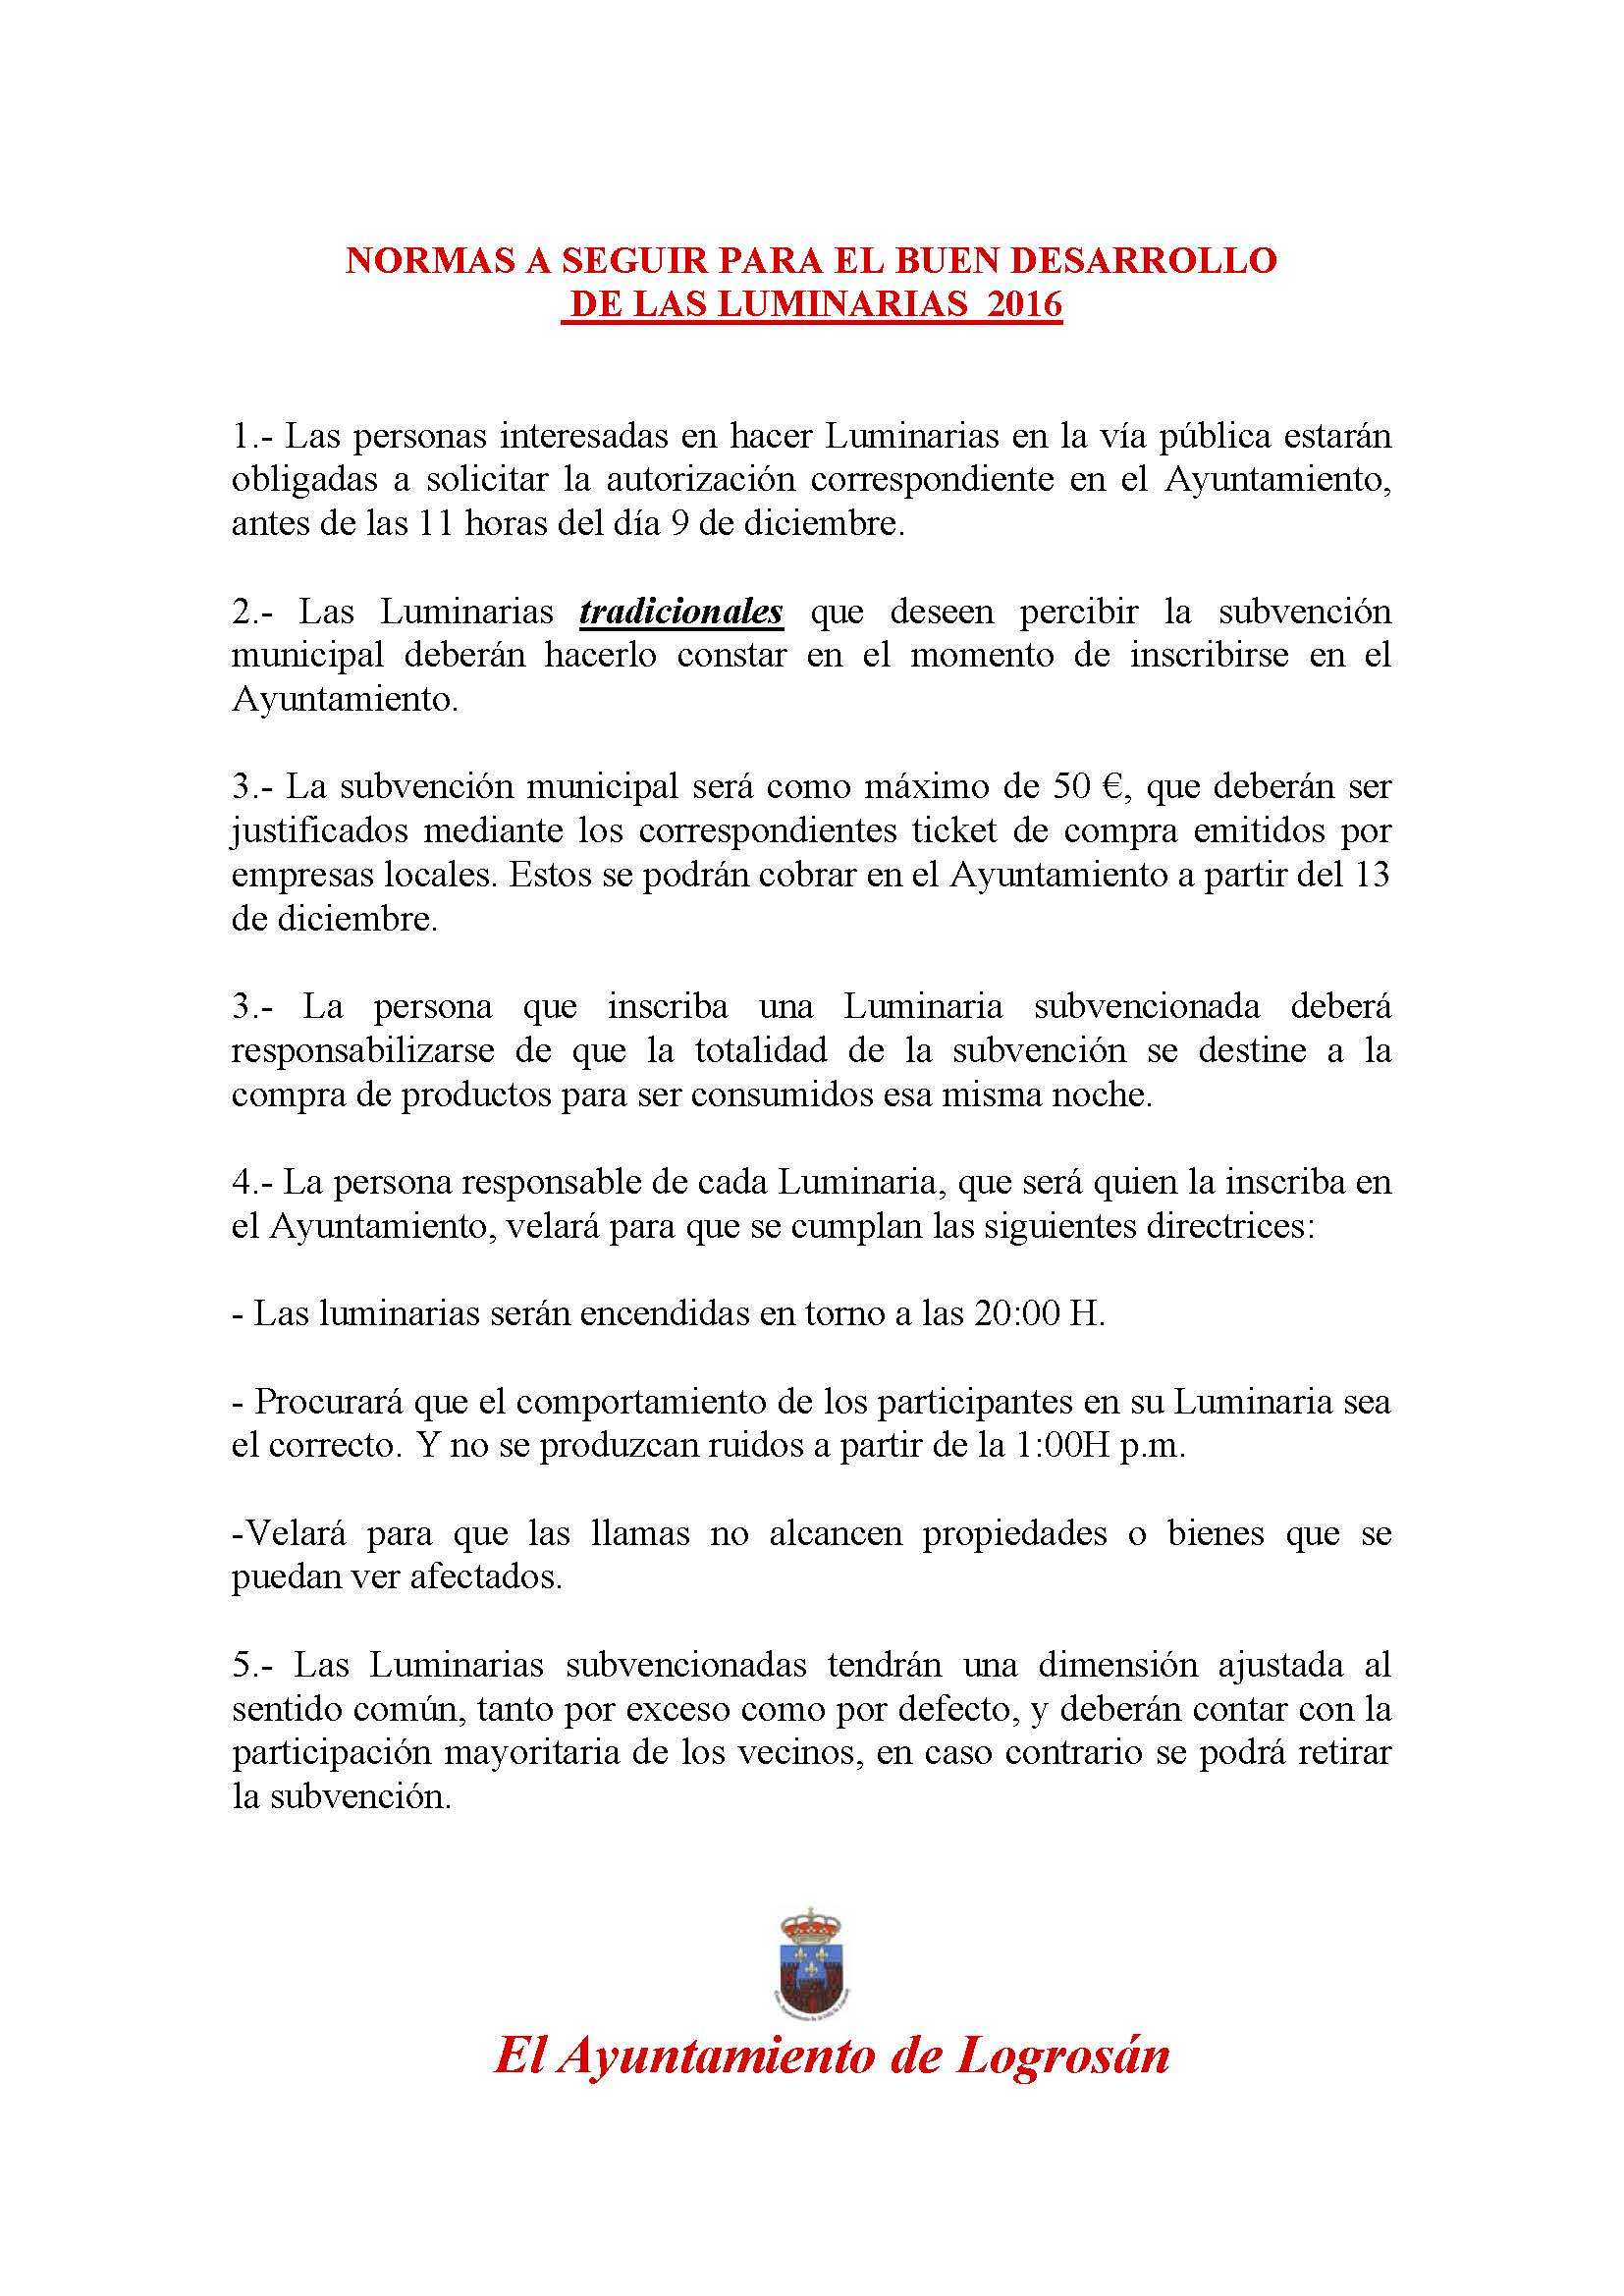 normas-luminarias-2016-1